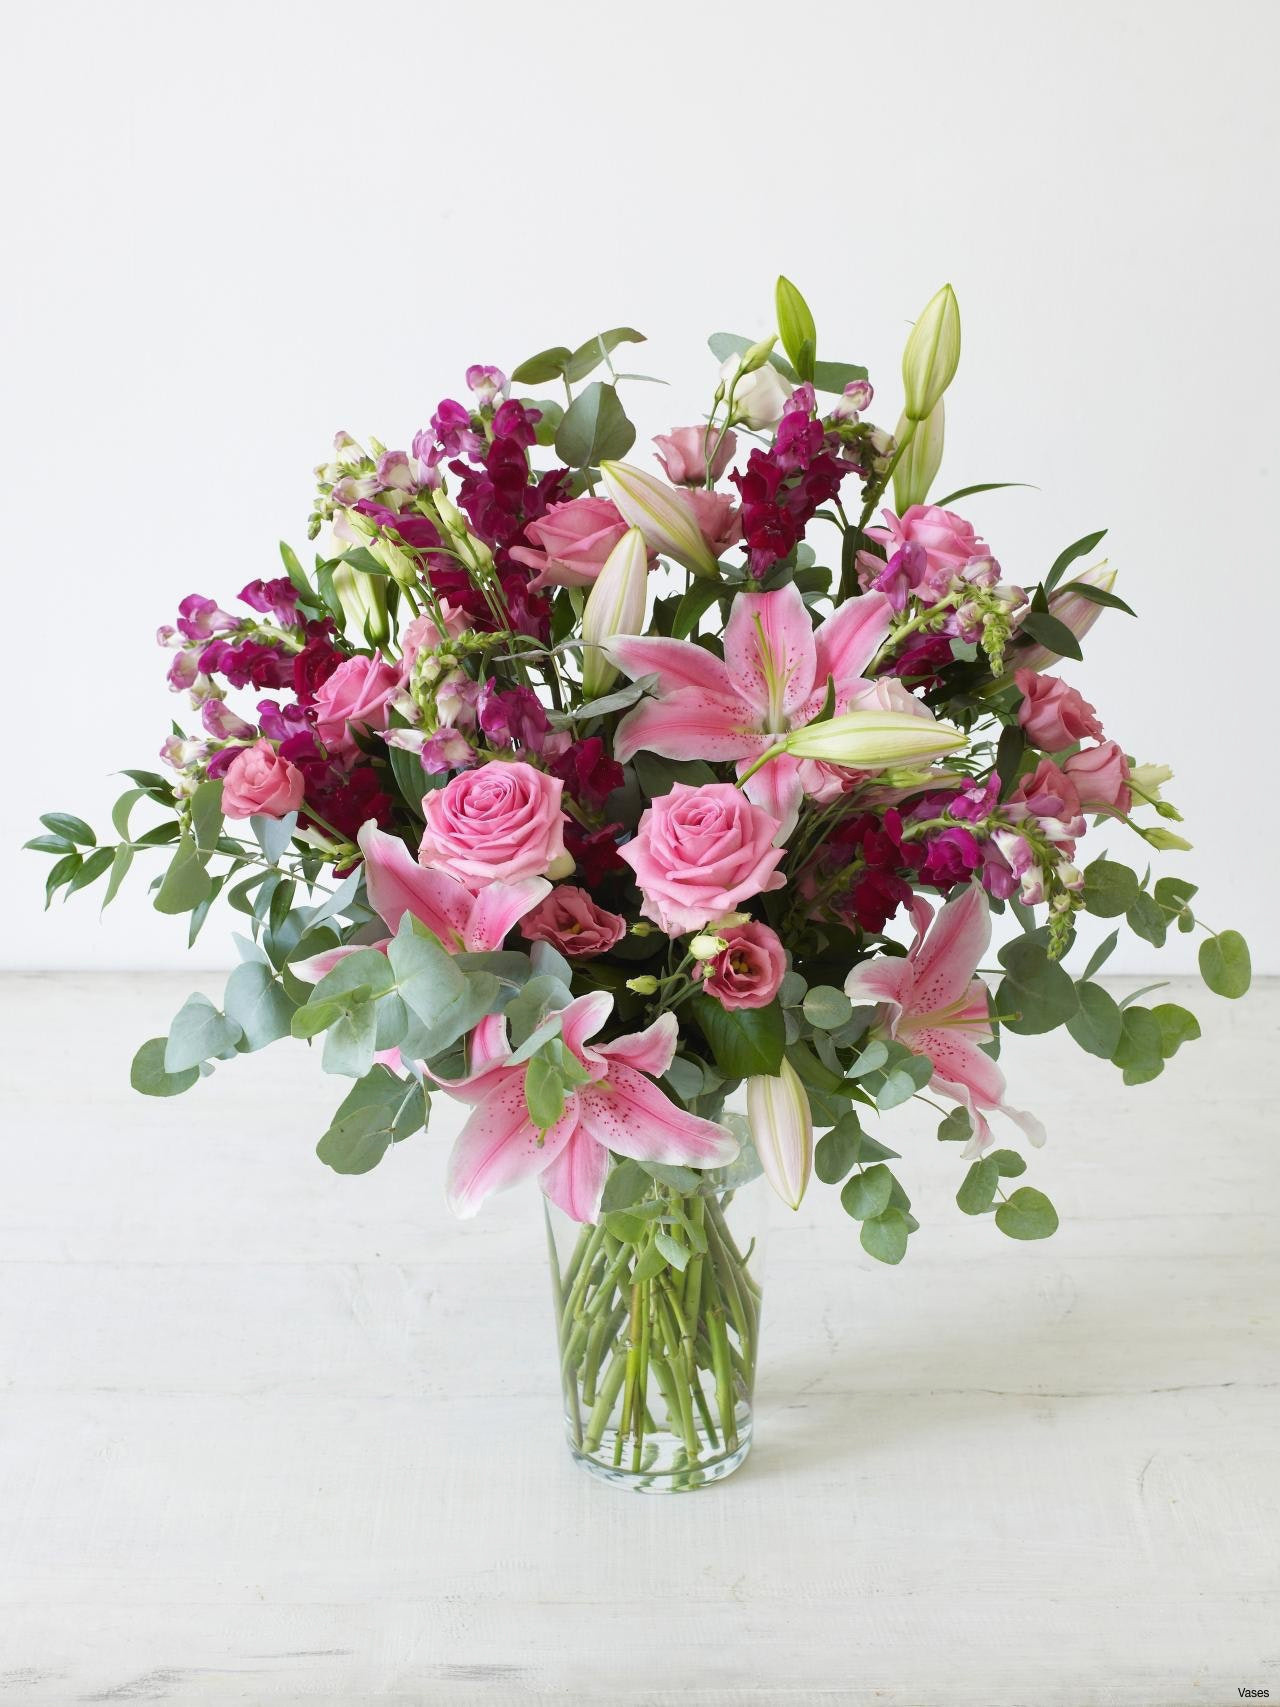 Luxury Flower Arrangements Elegant Floral Arrangements 0d Design Ideas 9 Beautiful How to Do Flower